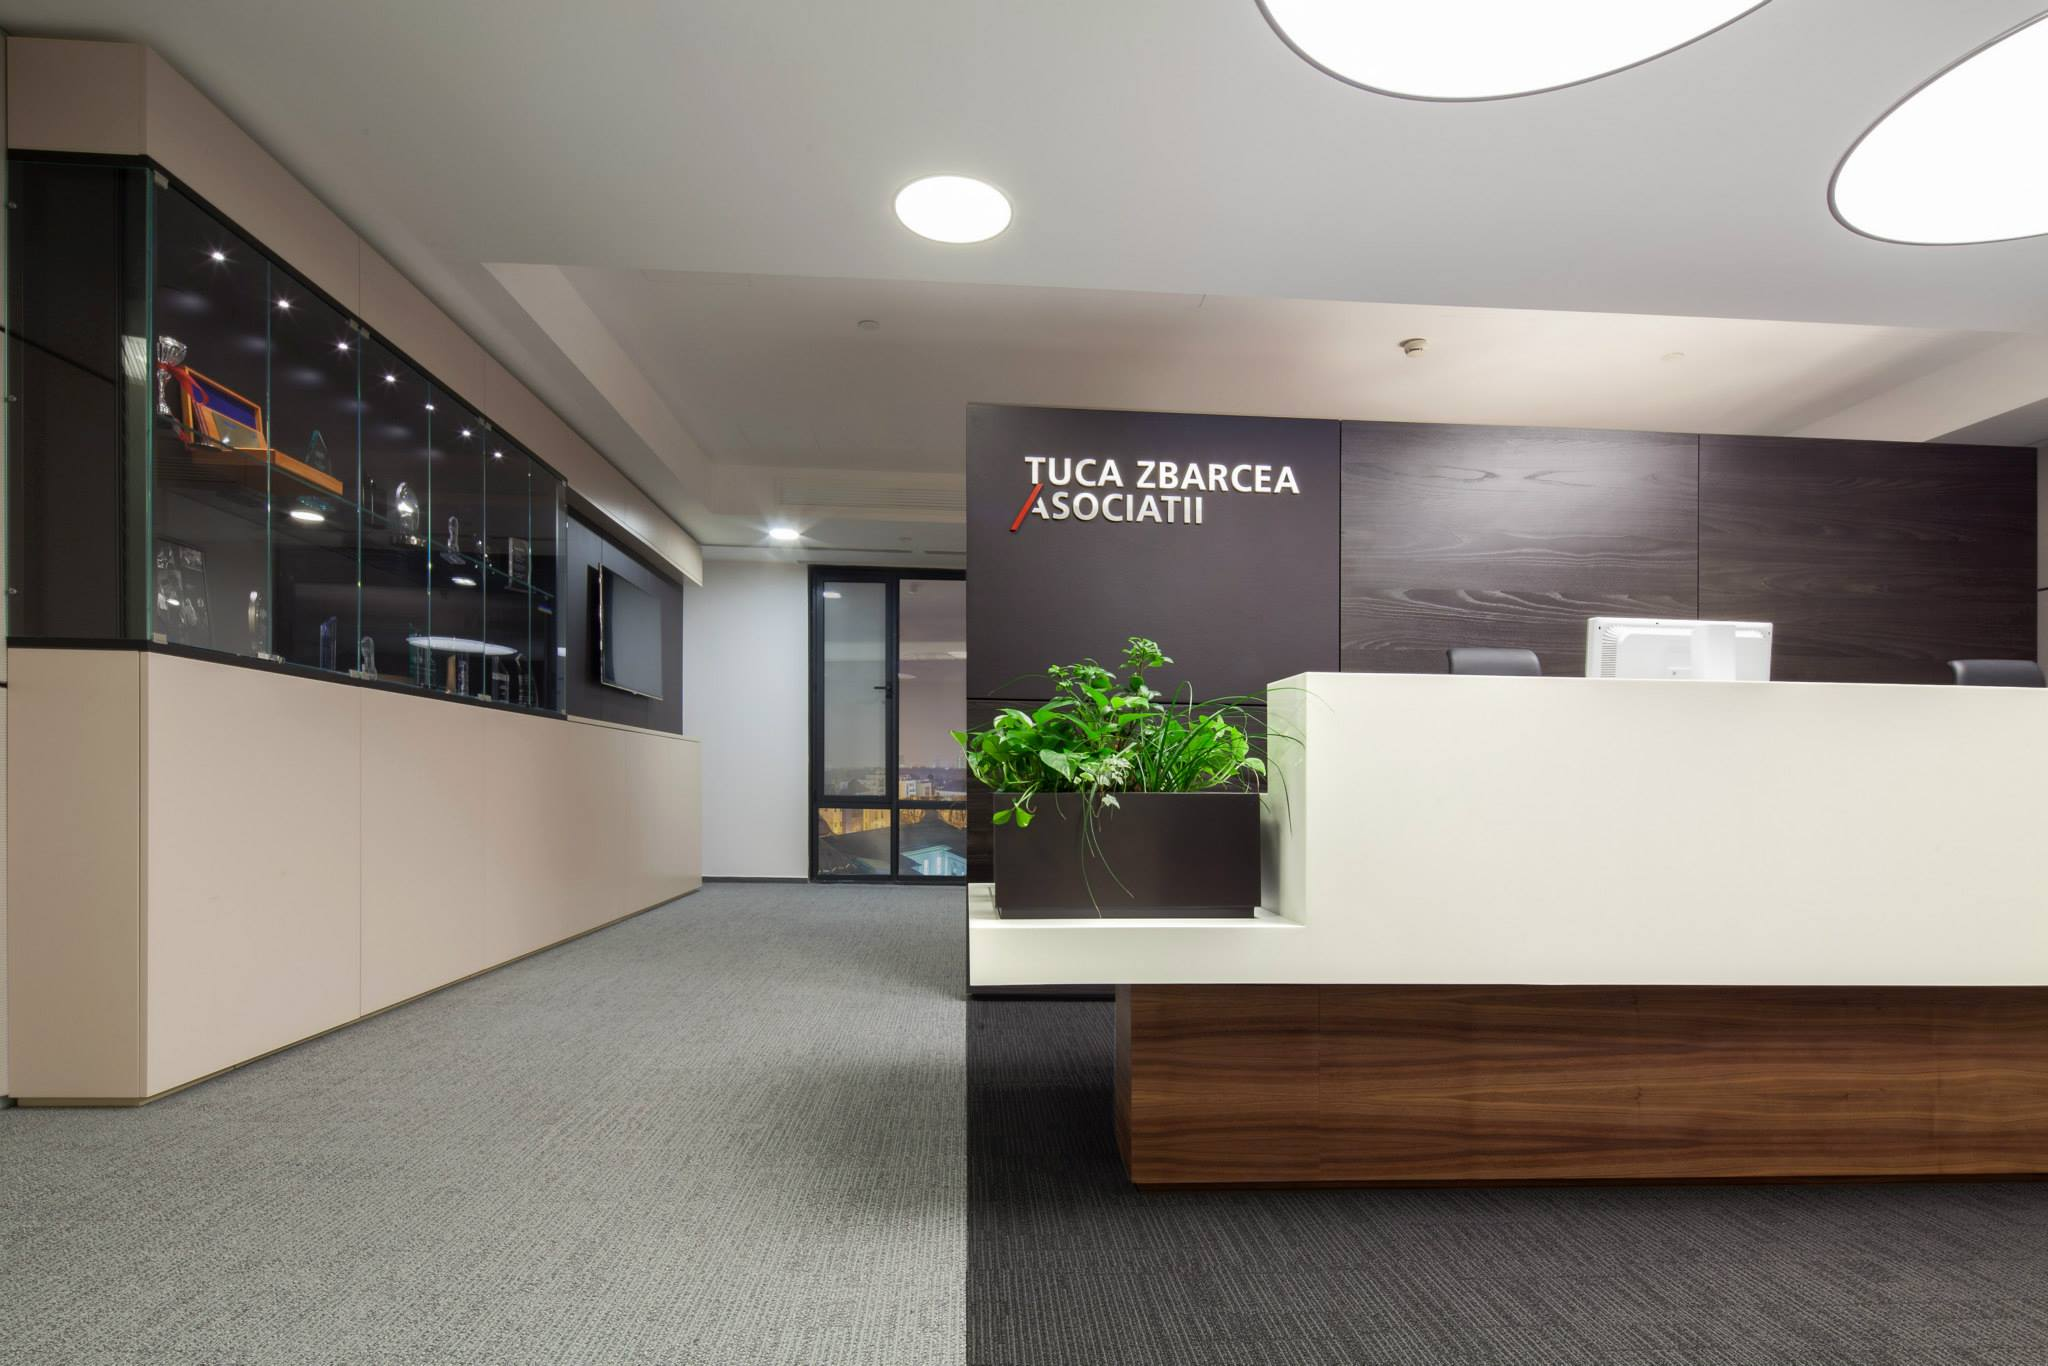 Tuca-Zbarcea-Asociatii_Trivenus_Ama_design_02